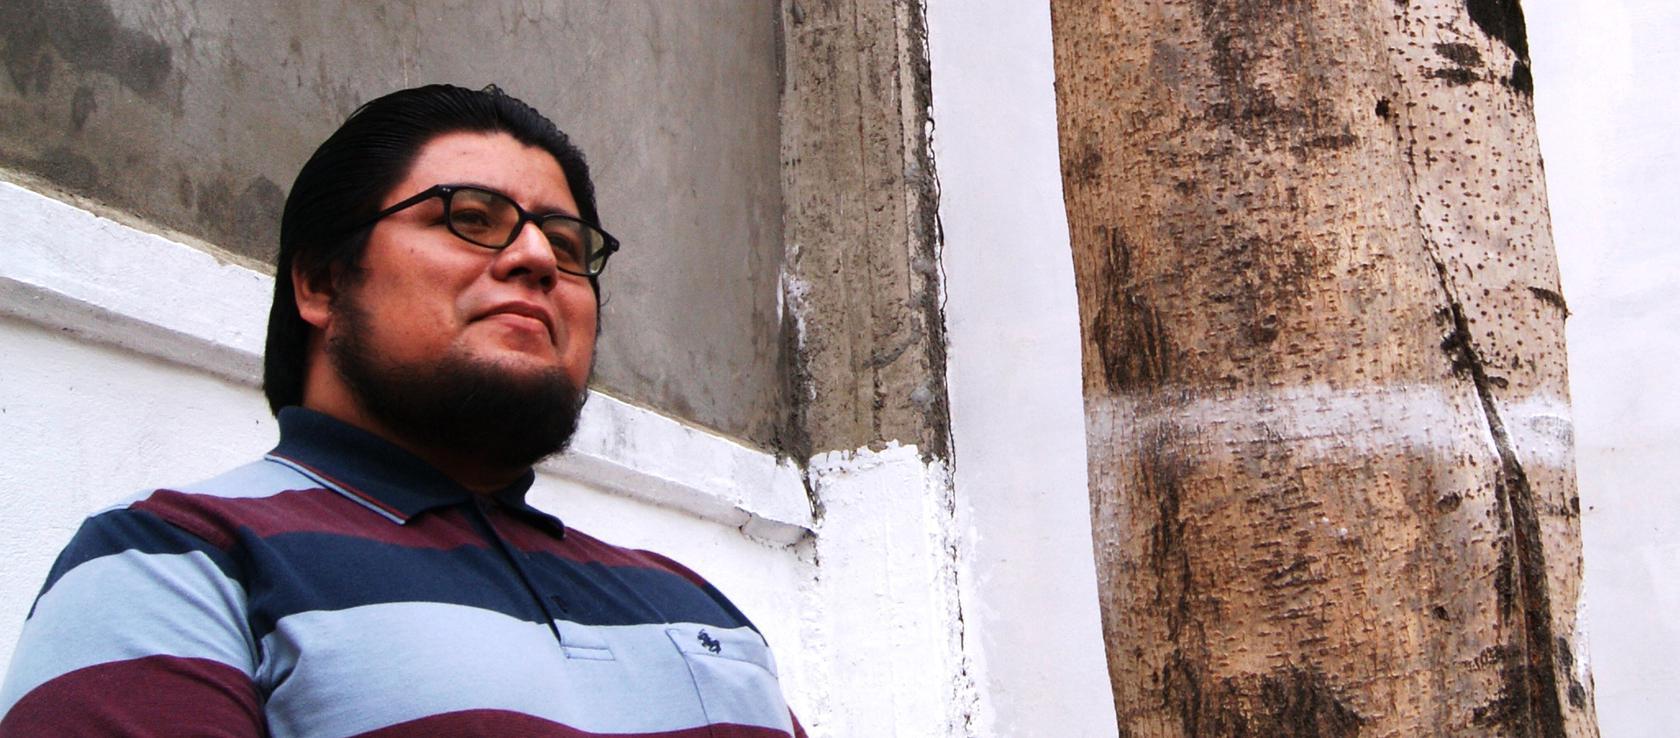 Roberto Arteaga del Ángel